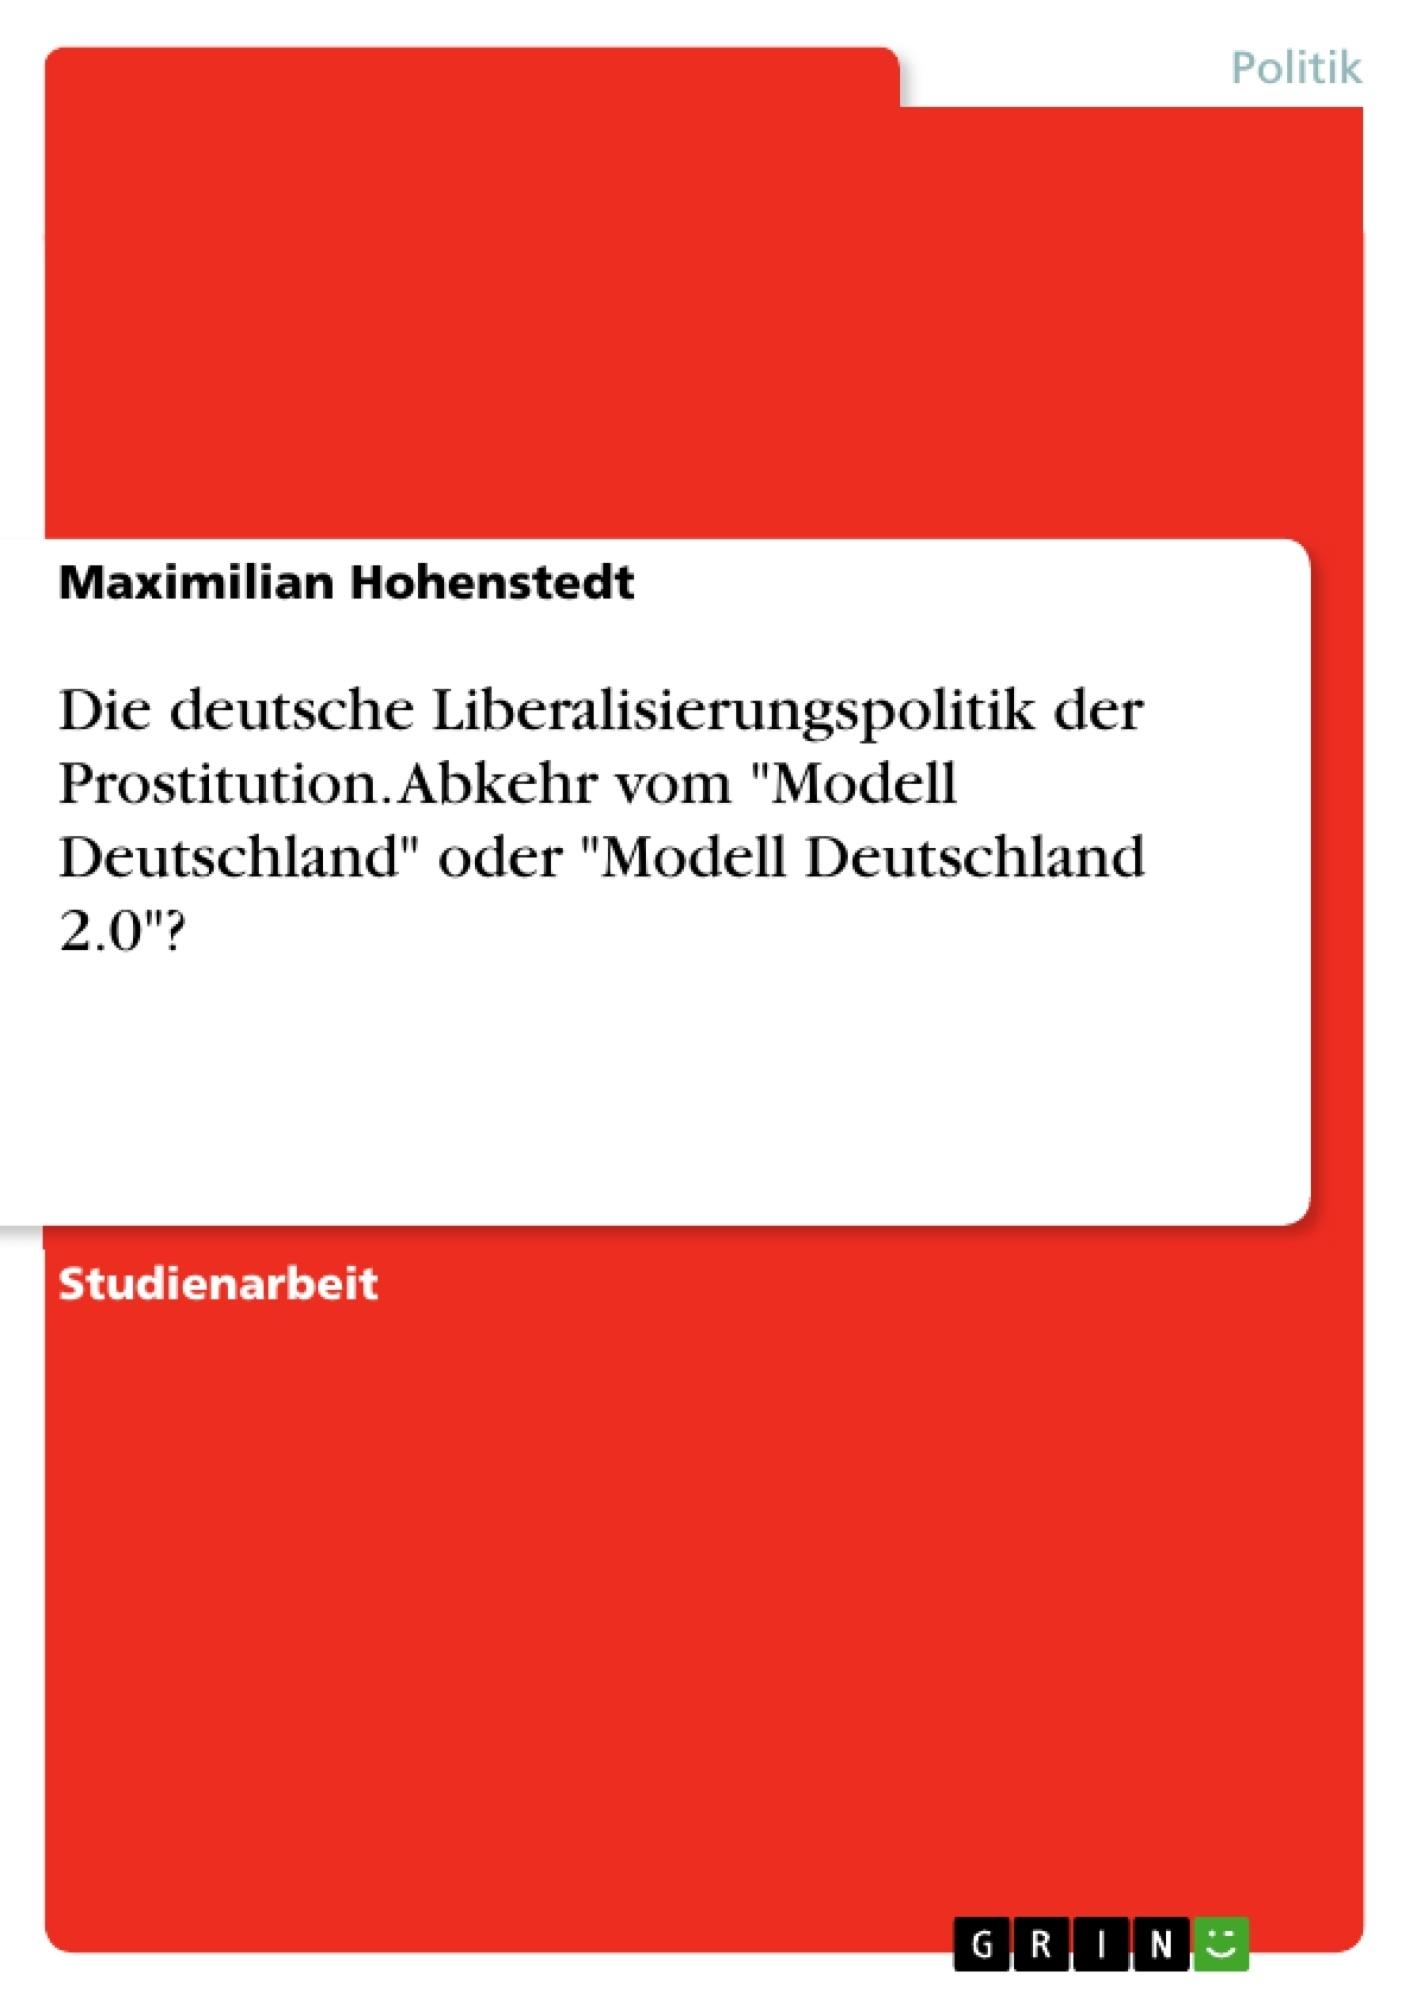 """Titel: Die deutsche Liberalisierungspolitik der Prostitution. Abkehr vom """"Modell Deutschland"""" oder """"Modell Deutschland 2.0""""?"""